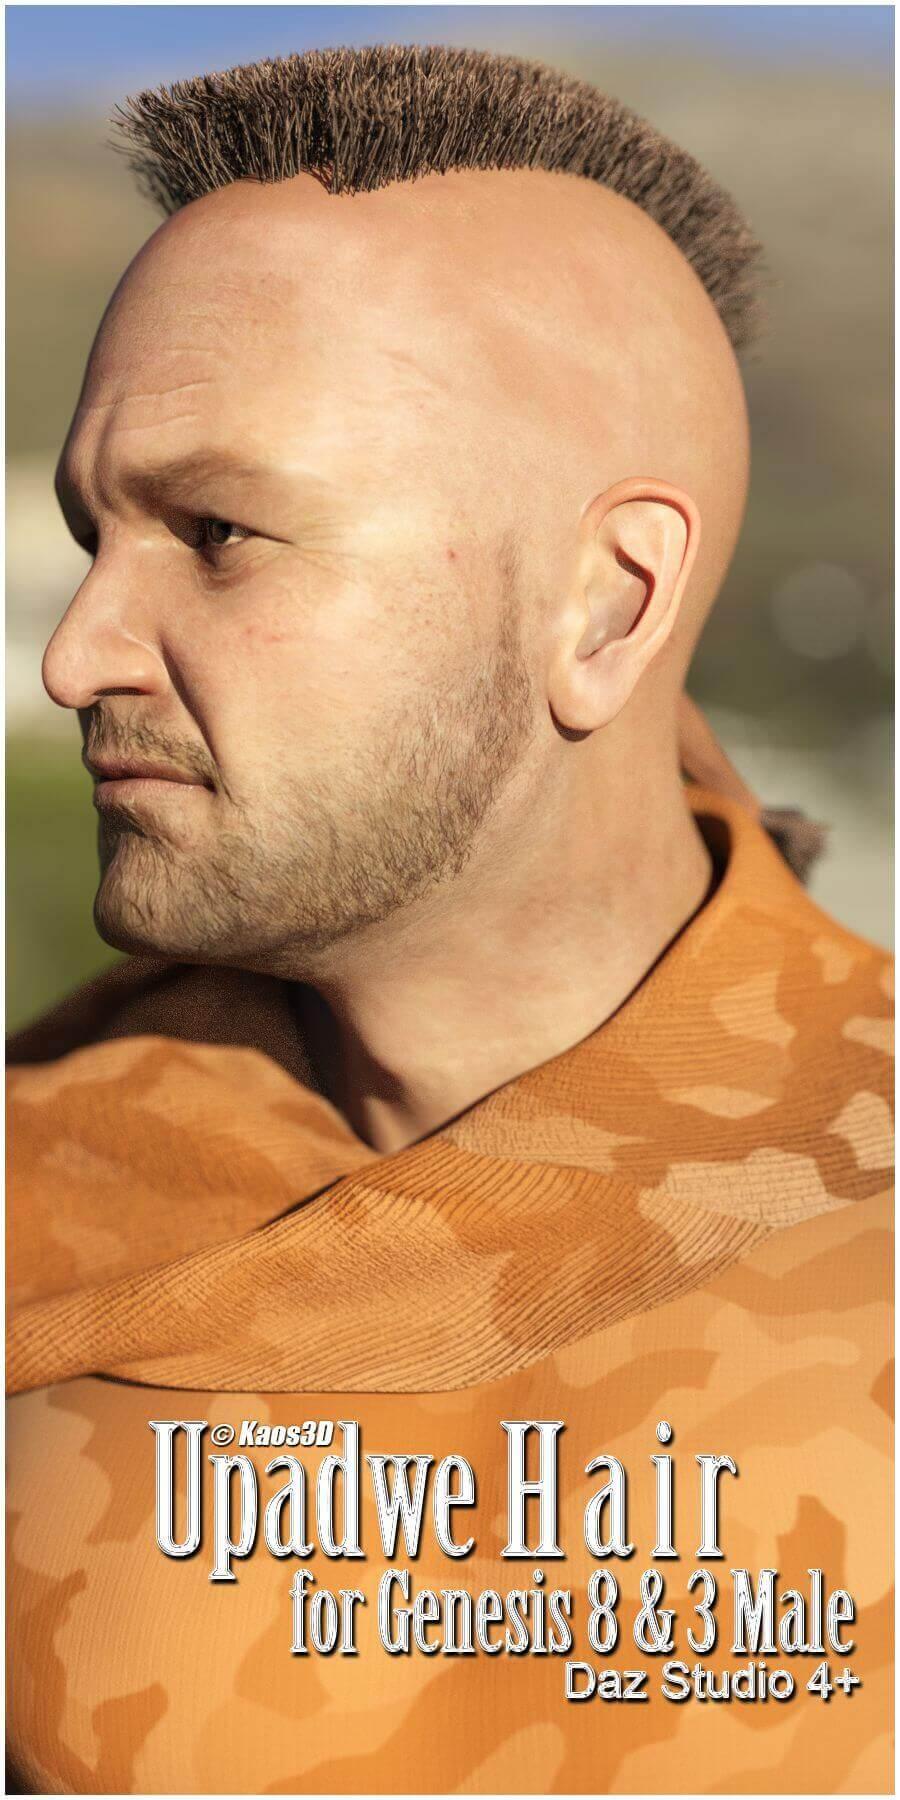 Upadwe Hair for Genesis 8 Male